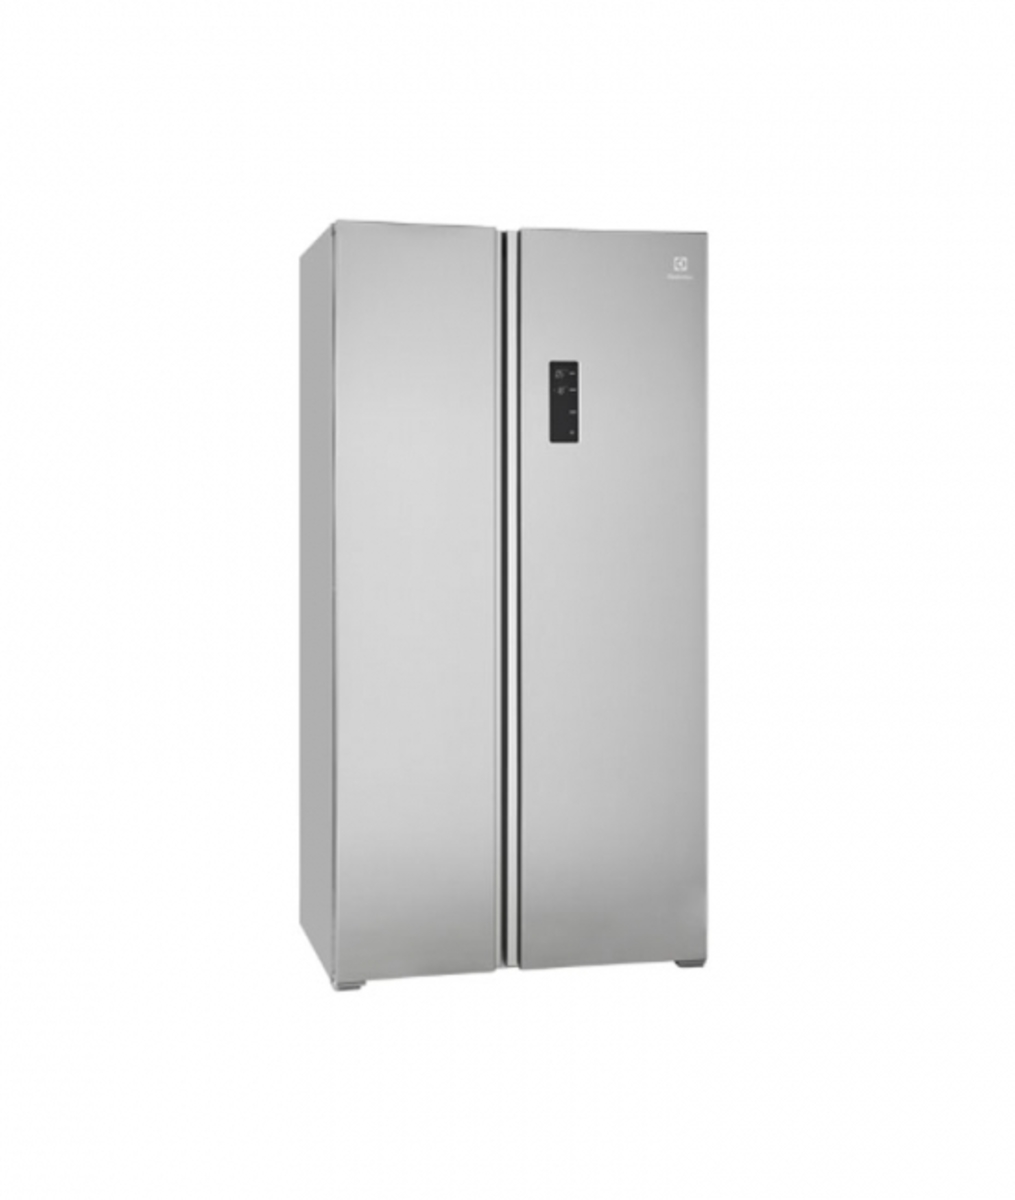 541公升 NutriFresh™ 變頻對門式雪櫃 ESE5301AG